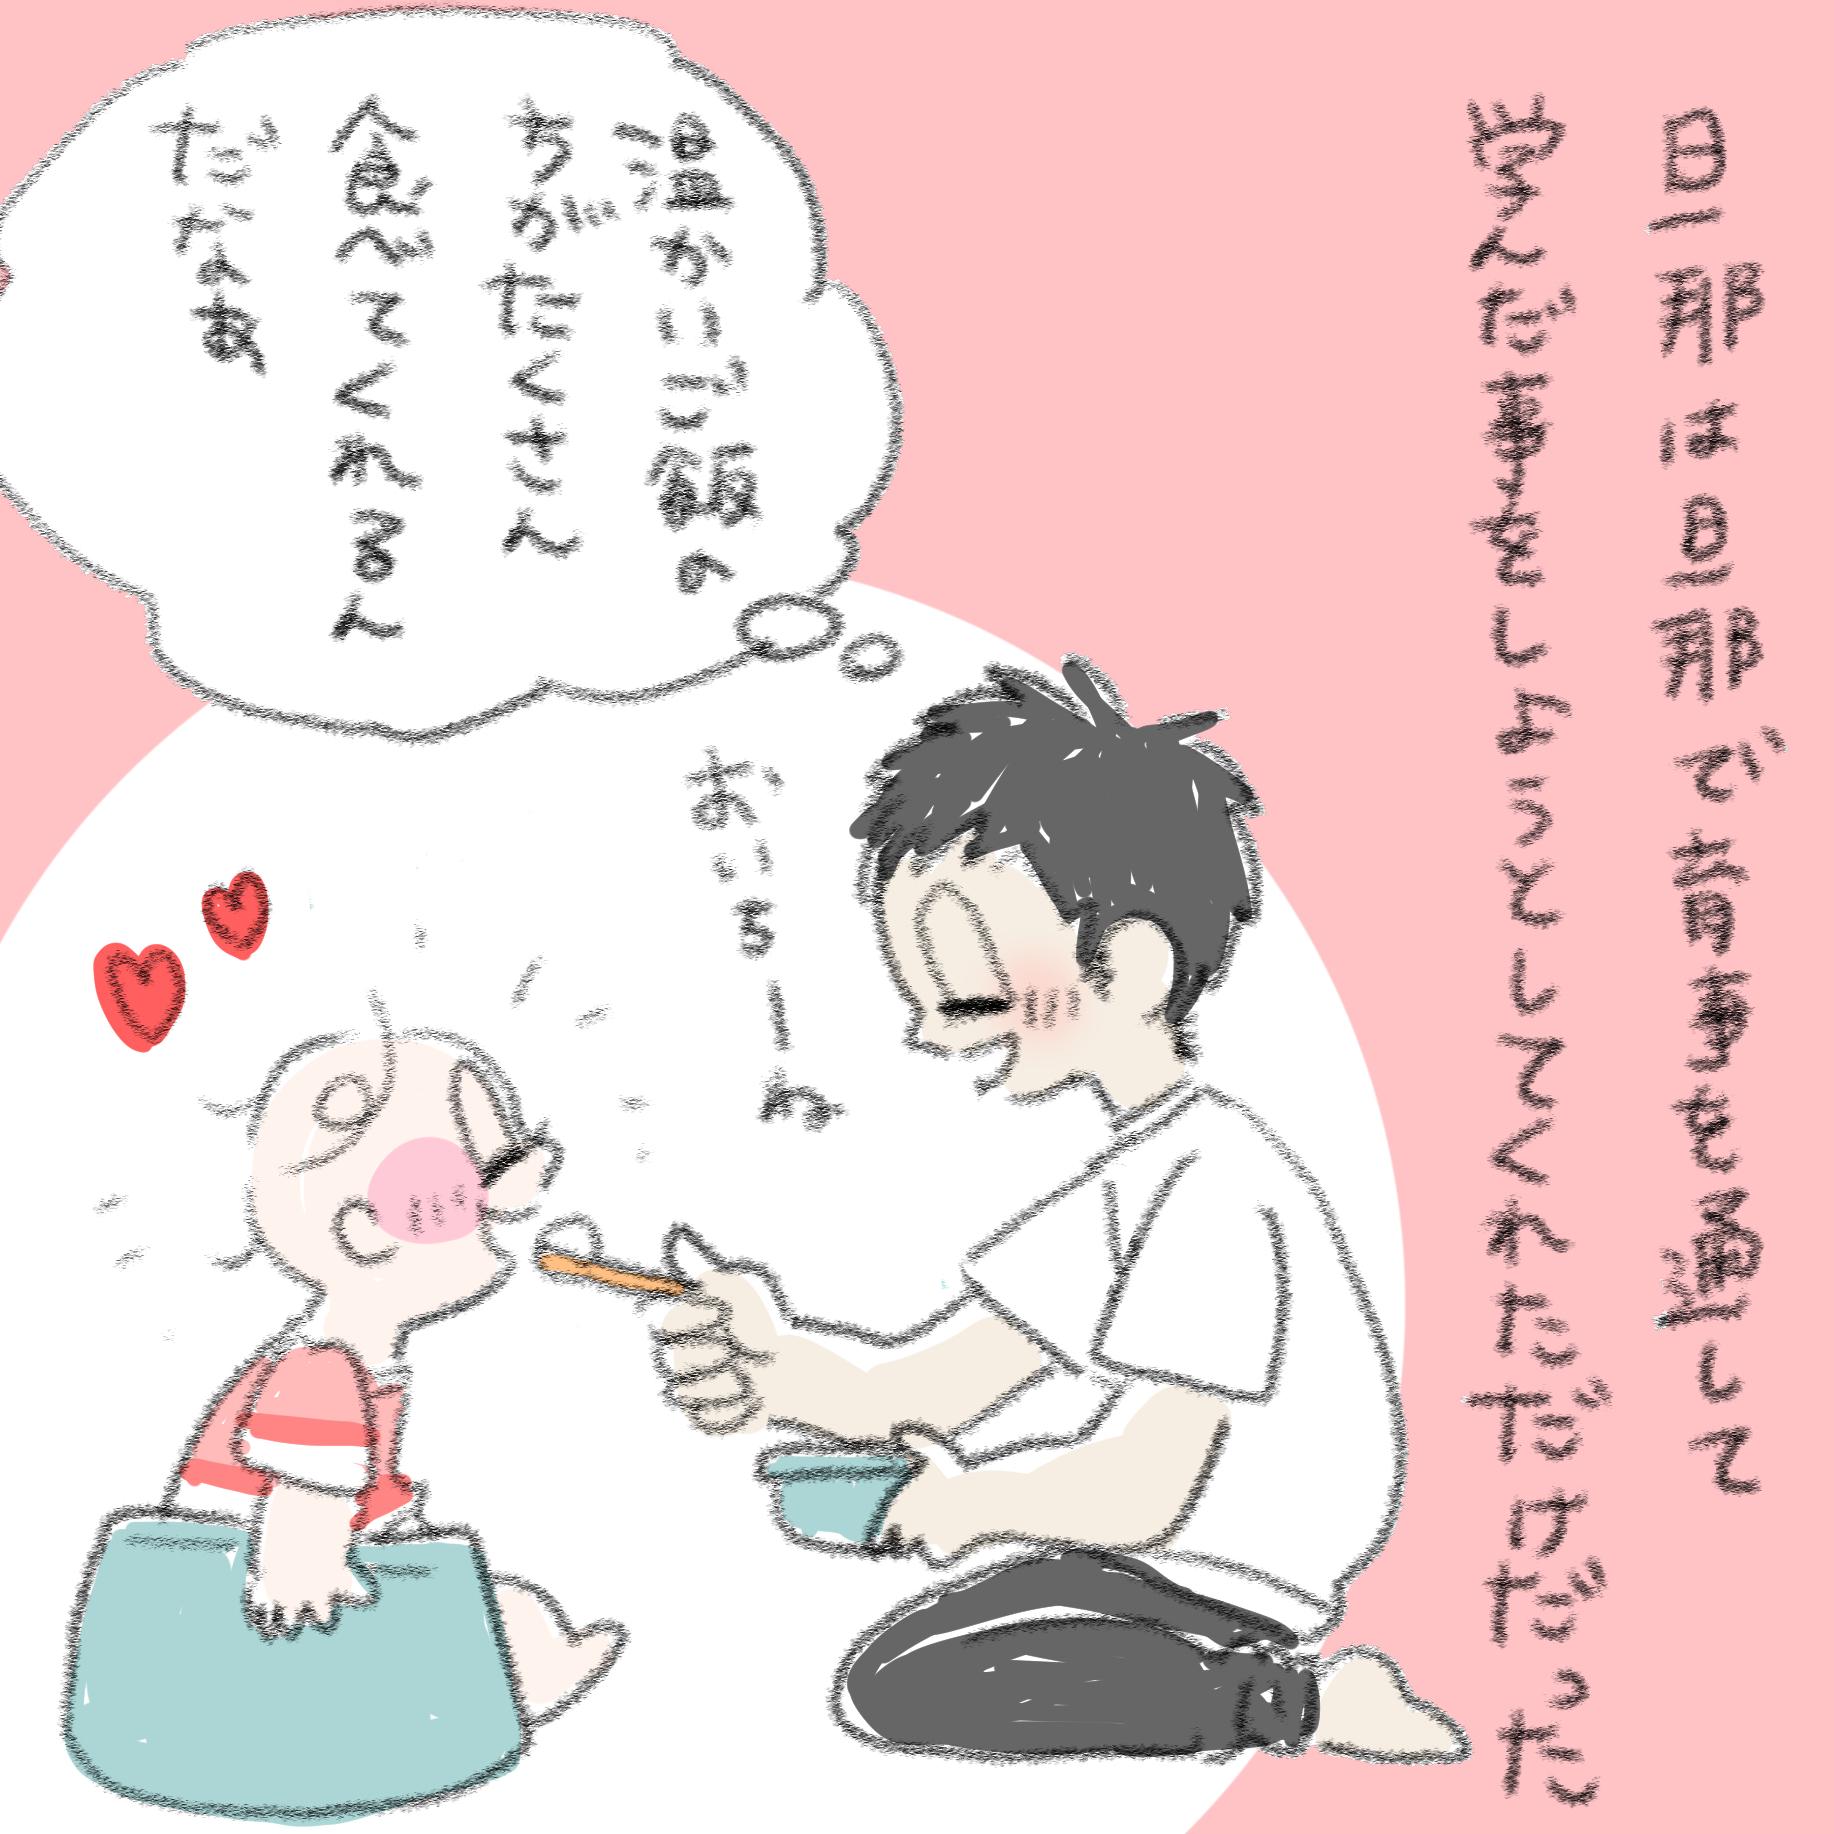 赤ちゃんだから、仕方ない?(4)|いっちゃんぶりけ! #9